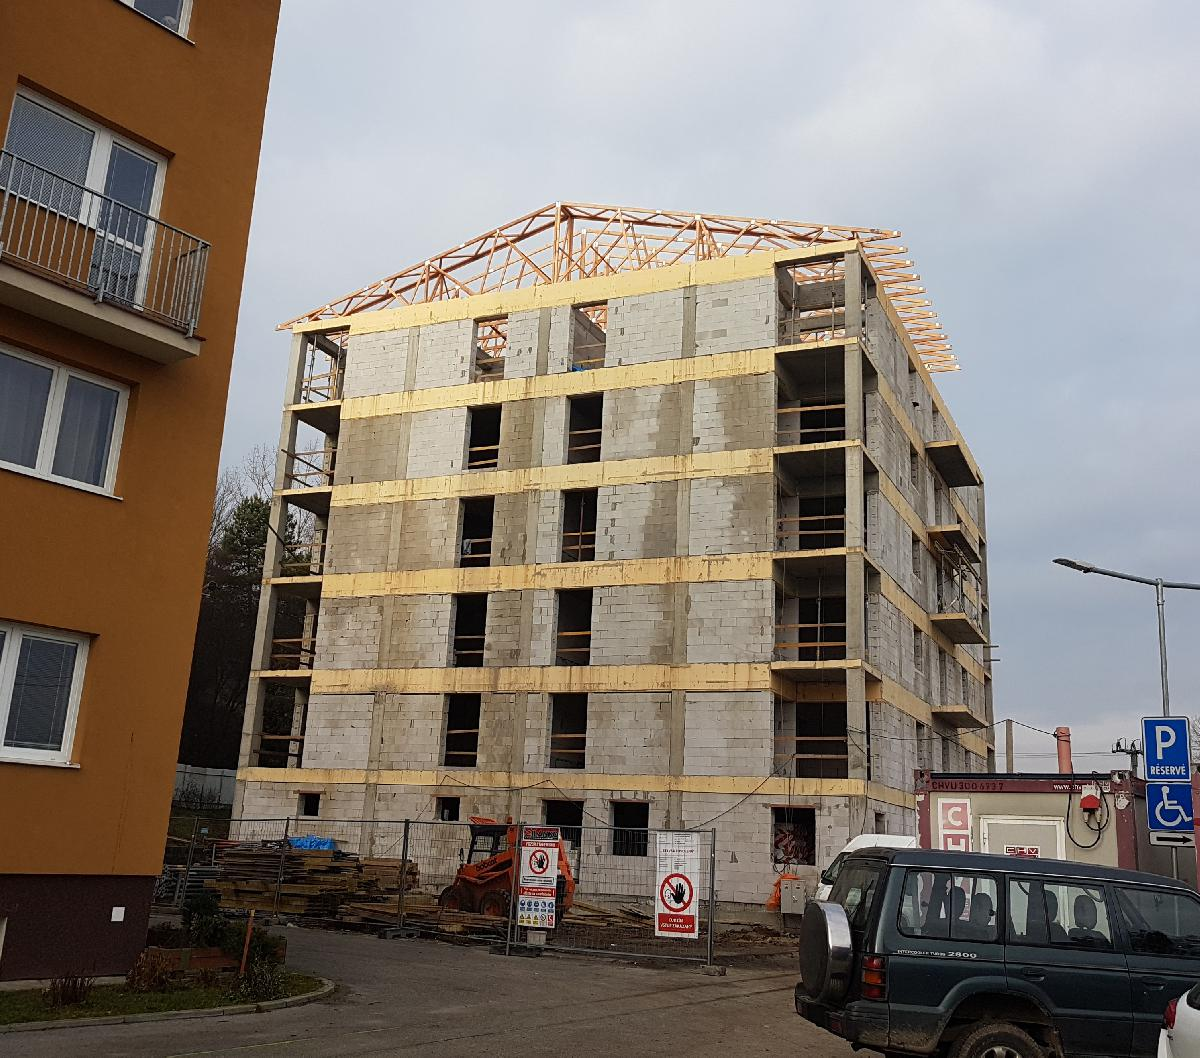 referencie-bytove-domy-obcianske-stavby (2)